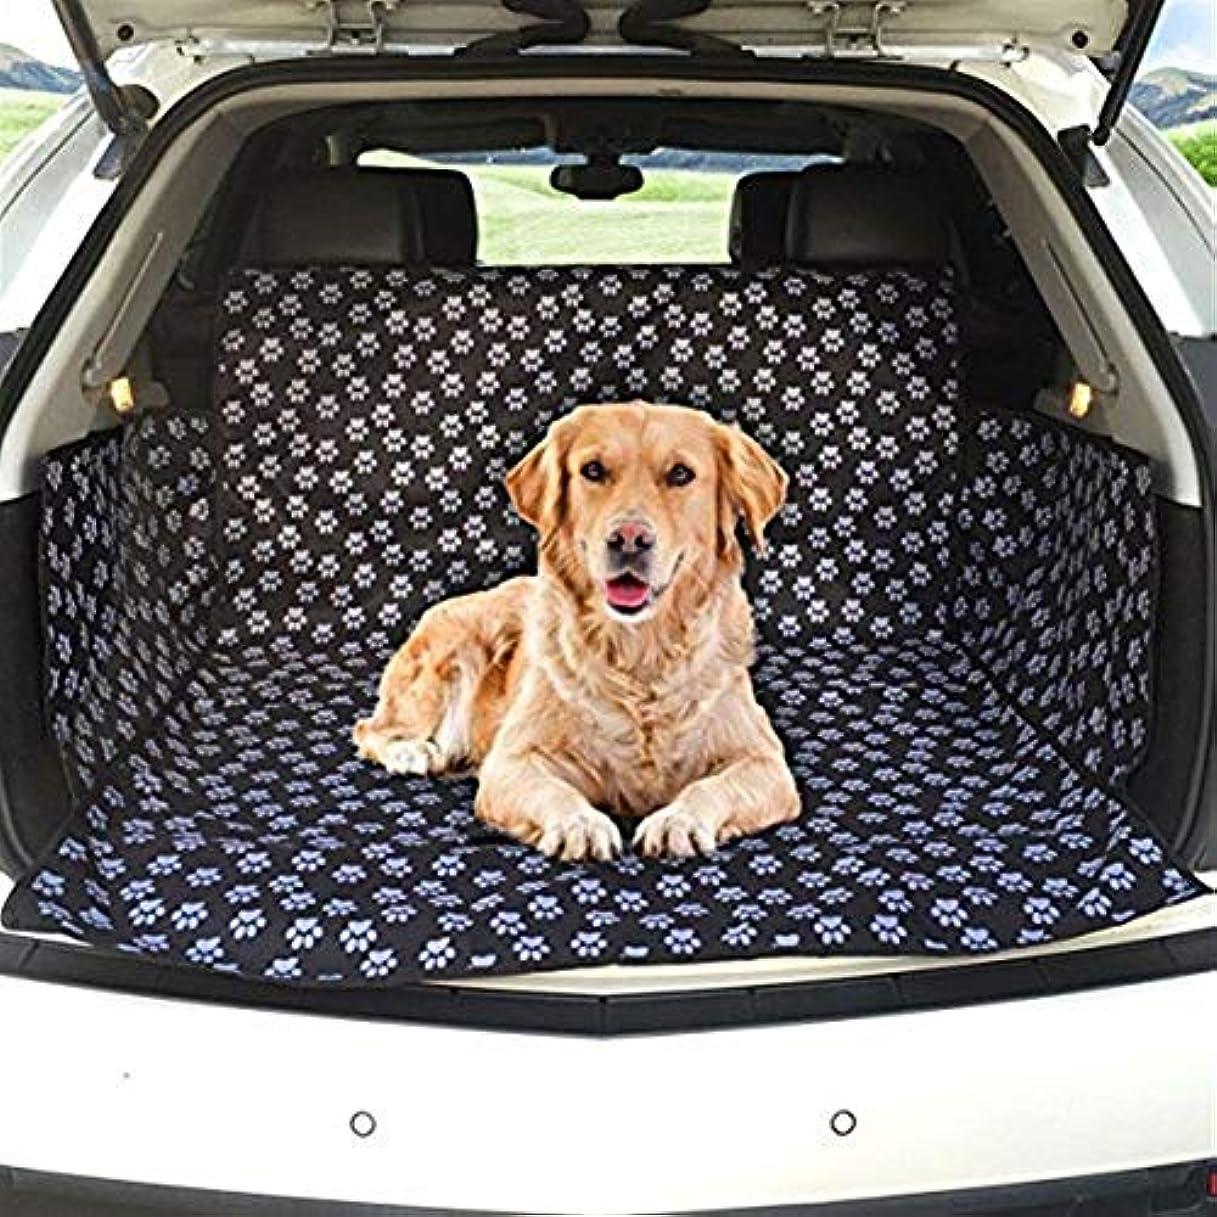 眉体系的にレコーダーJSFQ 犬用カーブーツカバーカーブーツライナープロテクター防水ブーツプロテクターマットサイドプロテクション付きトランクドッグカバーほとんどの車、SUV、バン、トラックに適合(かわいい犬の爪)